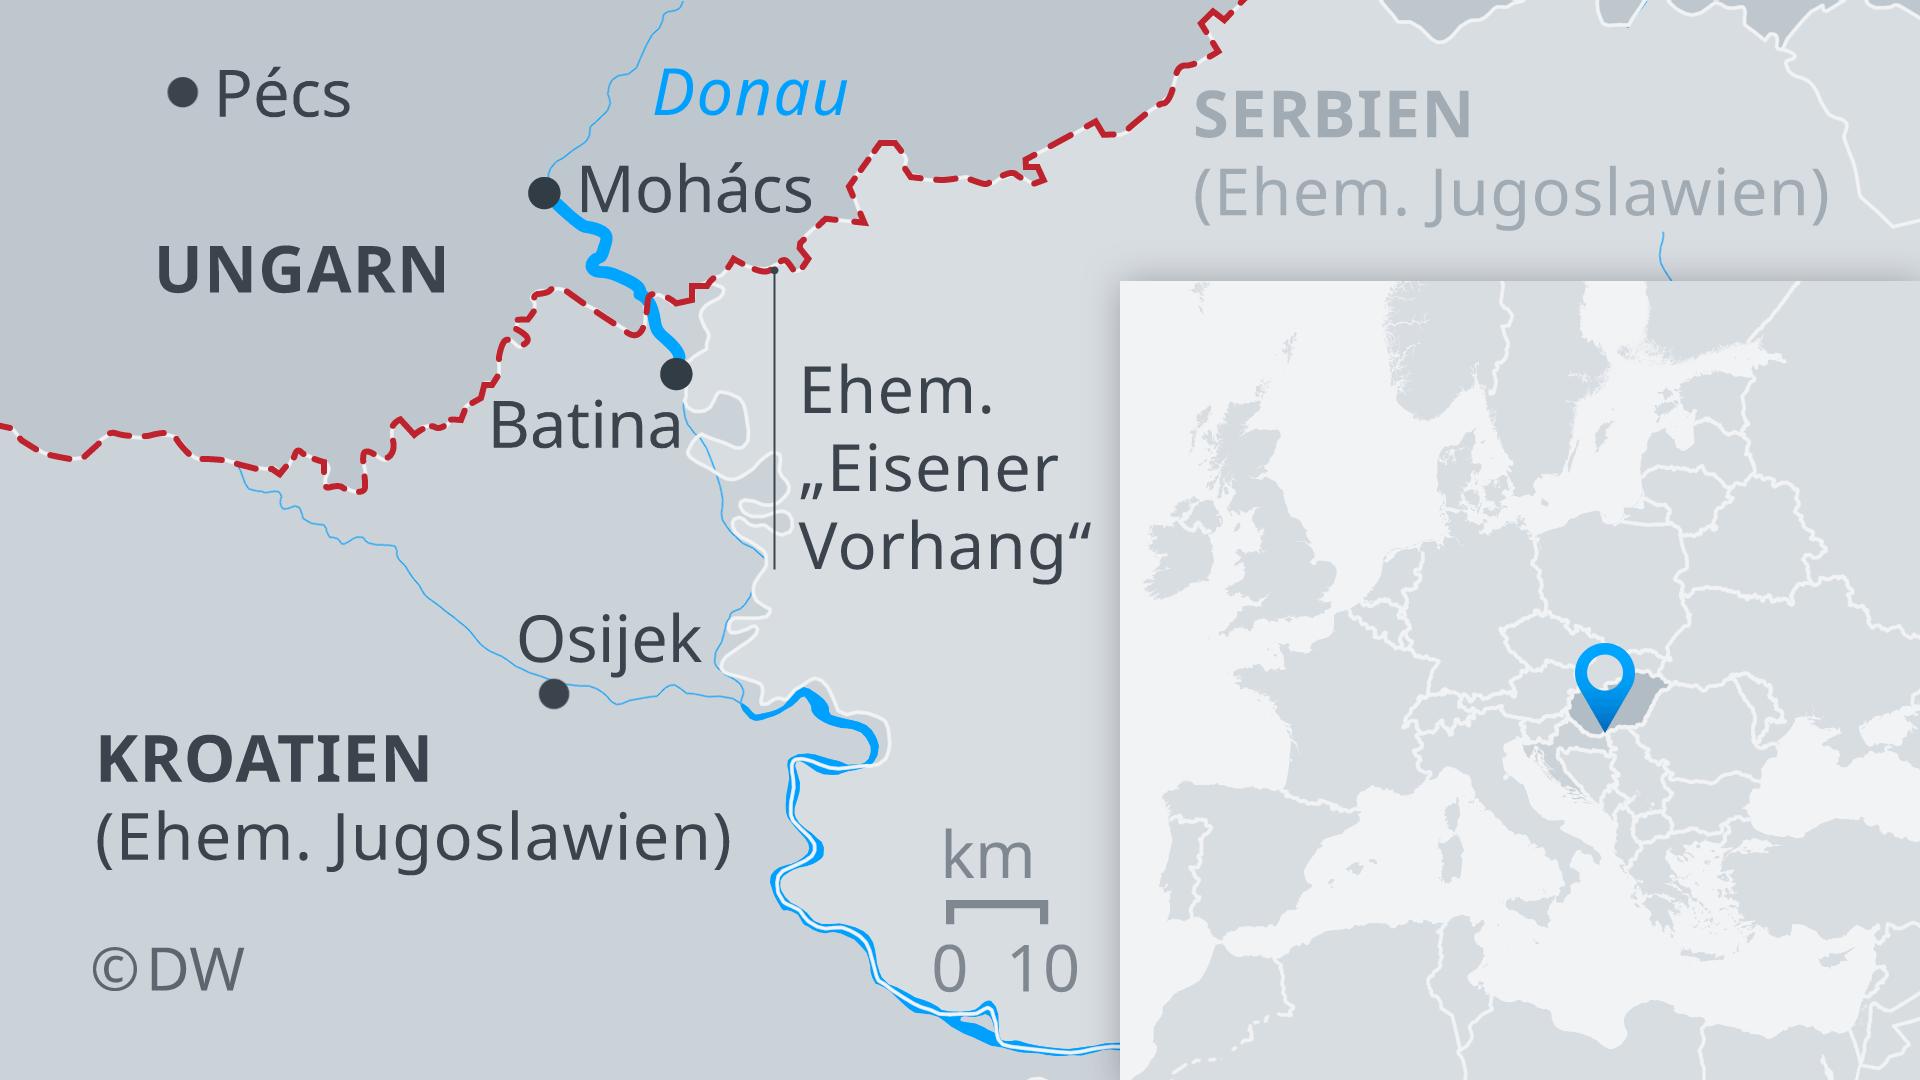 Infografik Karte Donau Ungarn Kroatien Serbien